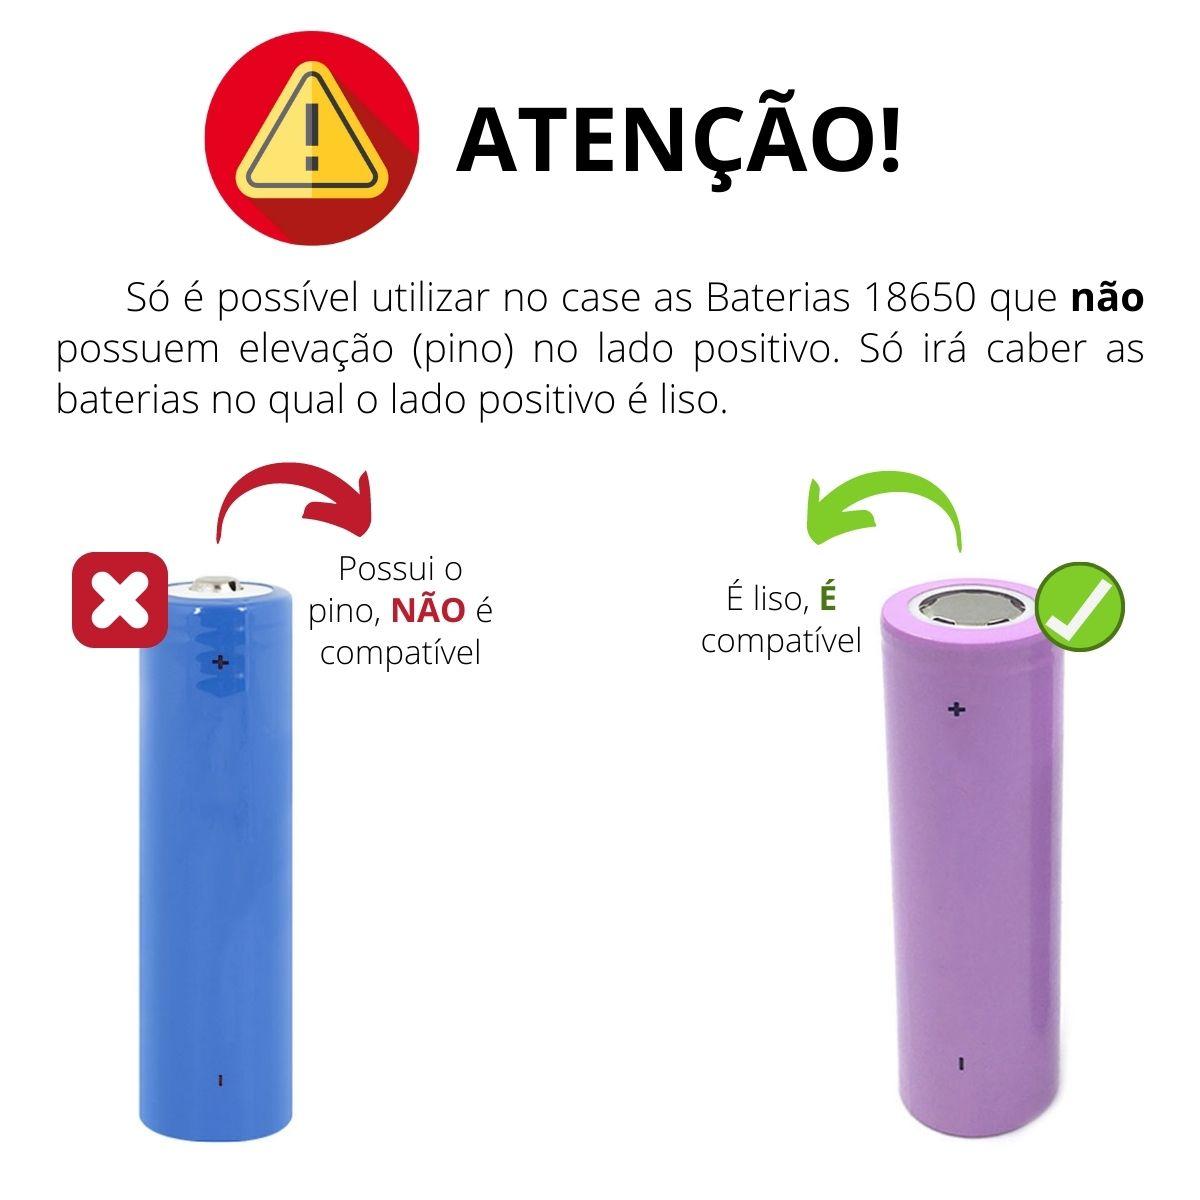 Case Power Bank USB para 4 Baterias 18650 - Não Acompanha Baterias